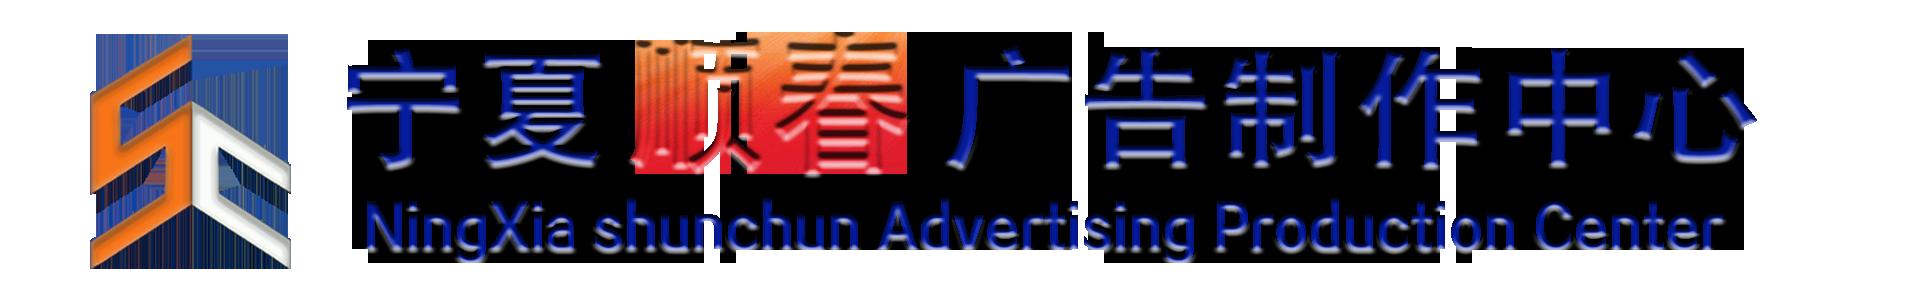 宁夏顺春广告制作中心